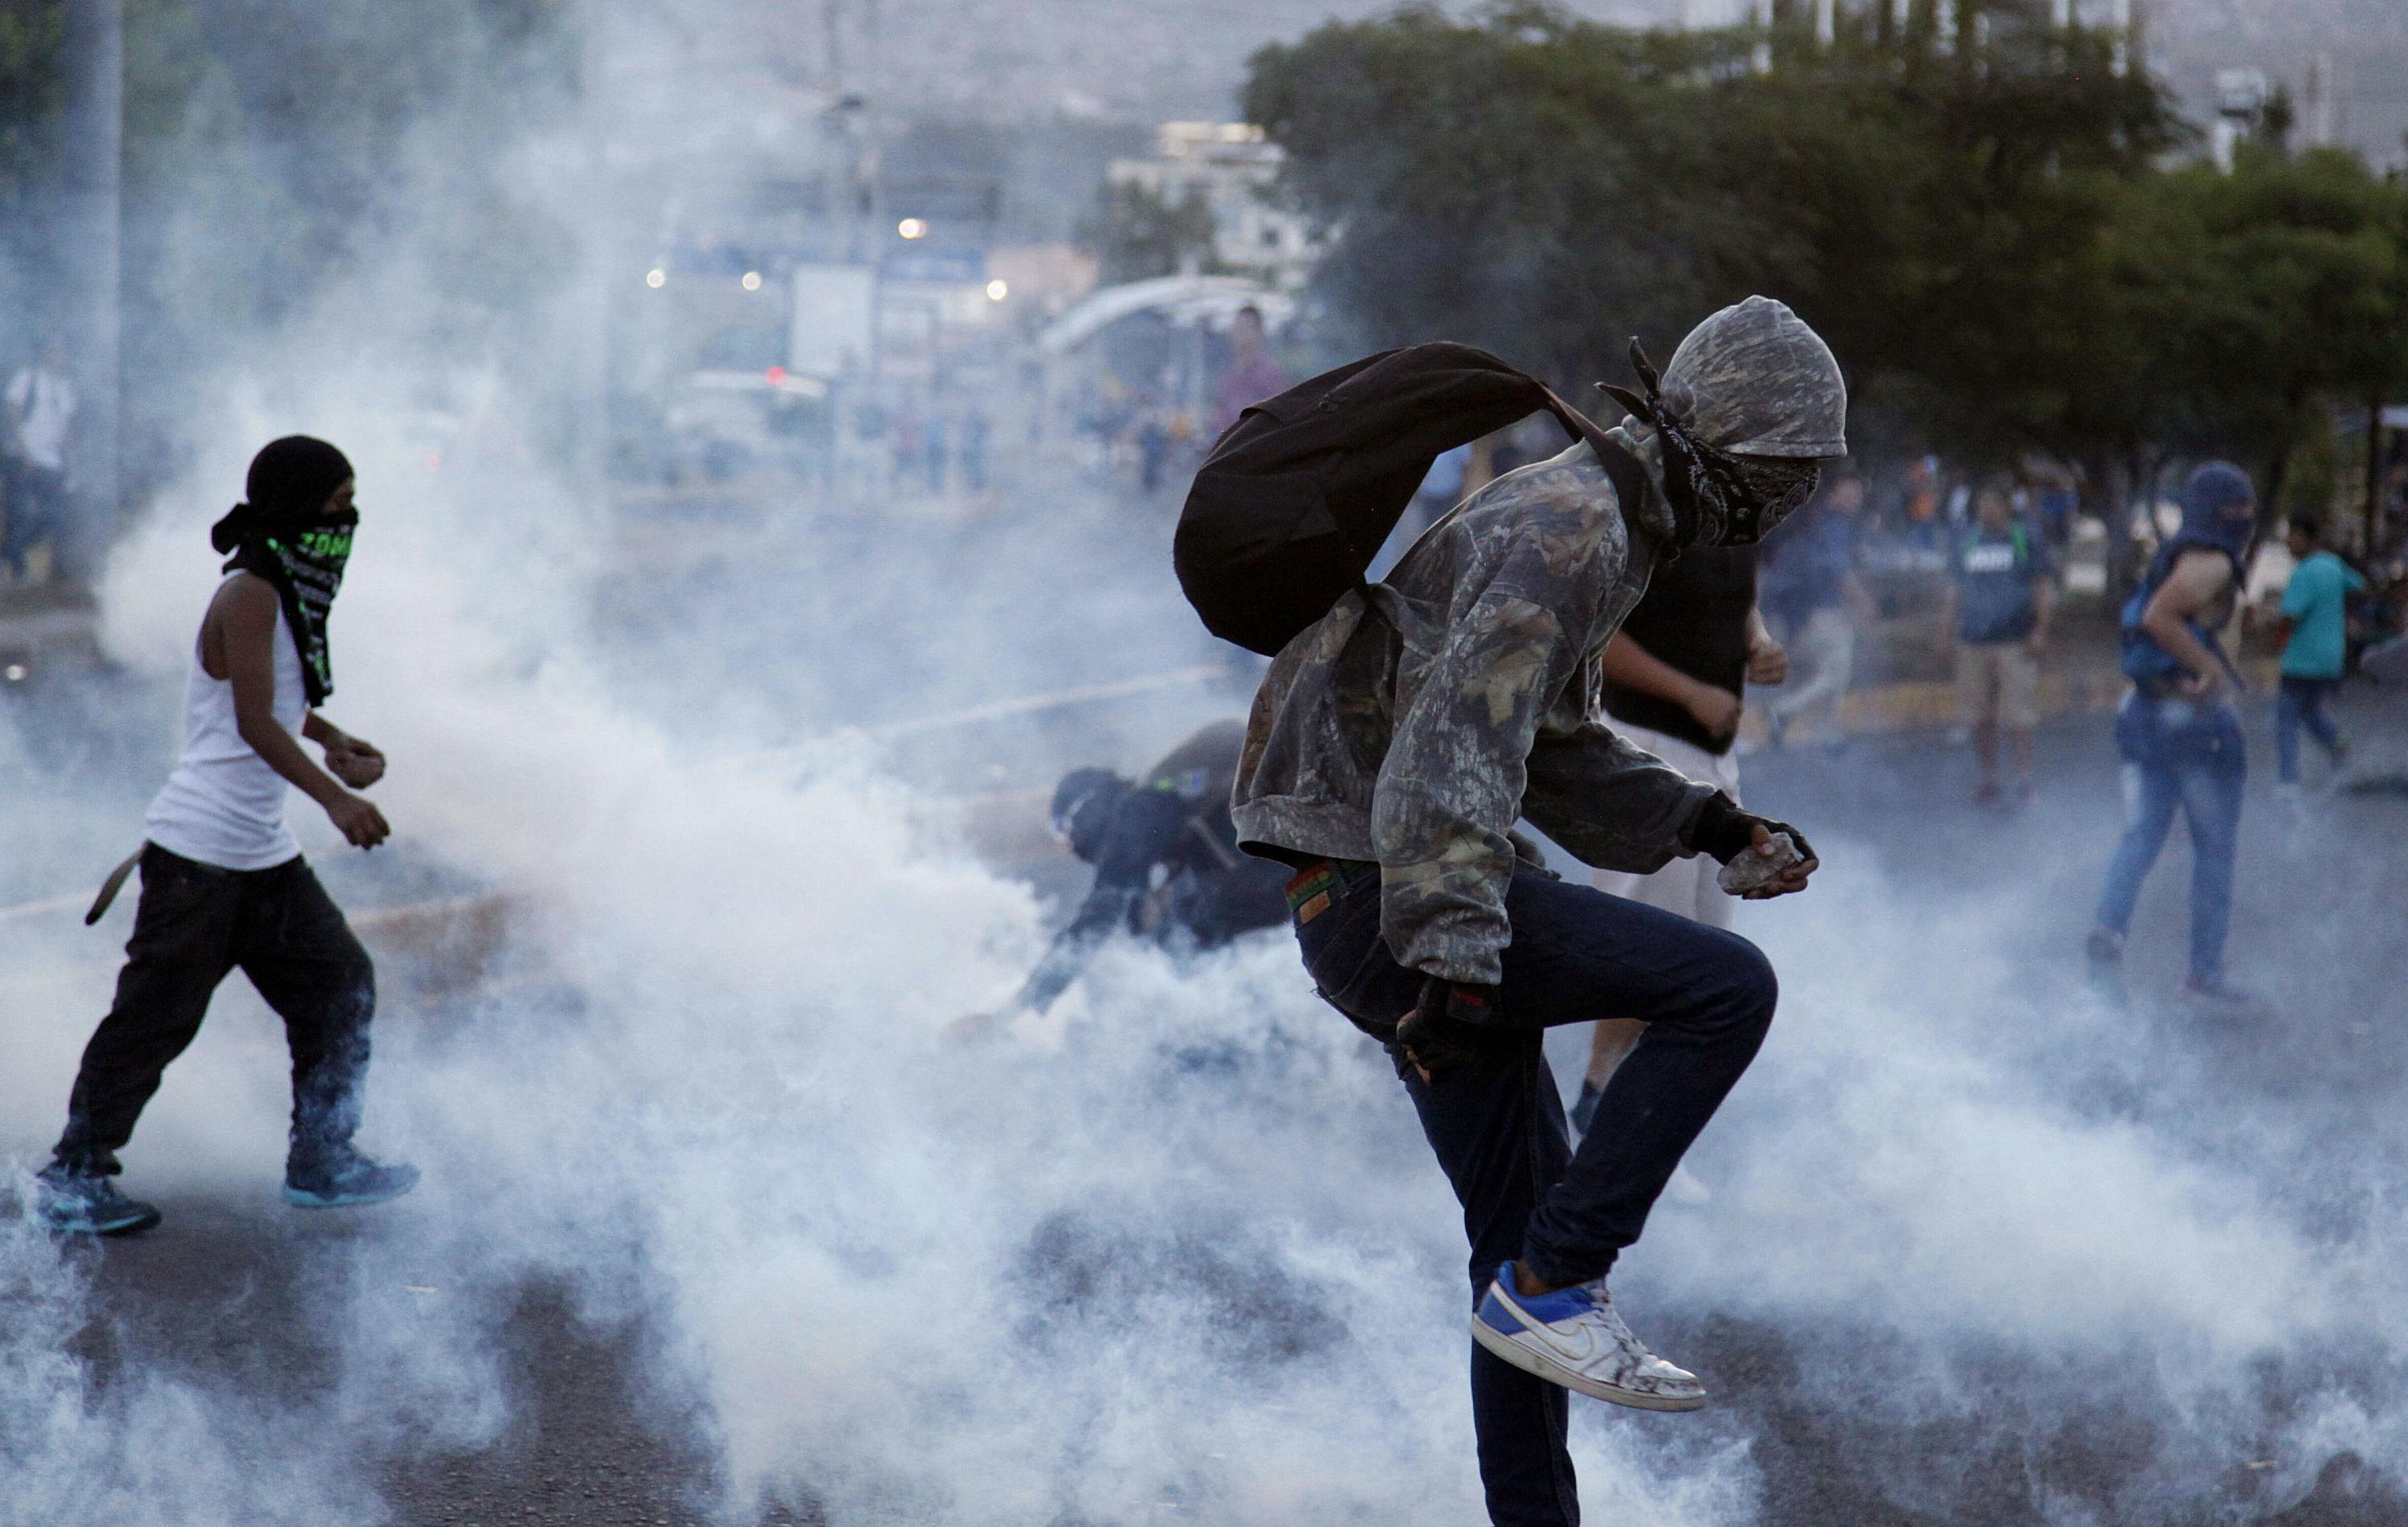 Manifestantes se expressam contra o aumento do preço dos transportes públicos e gasolina nas Honduras